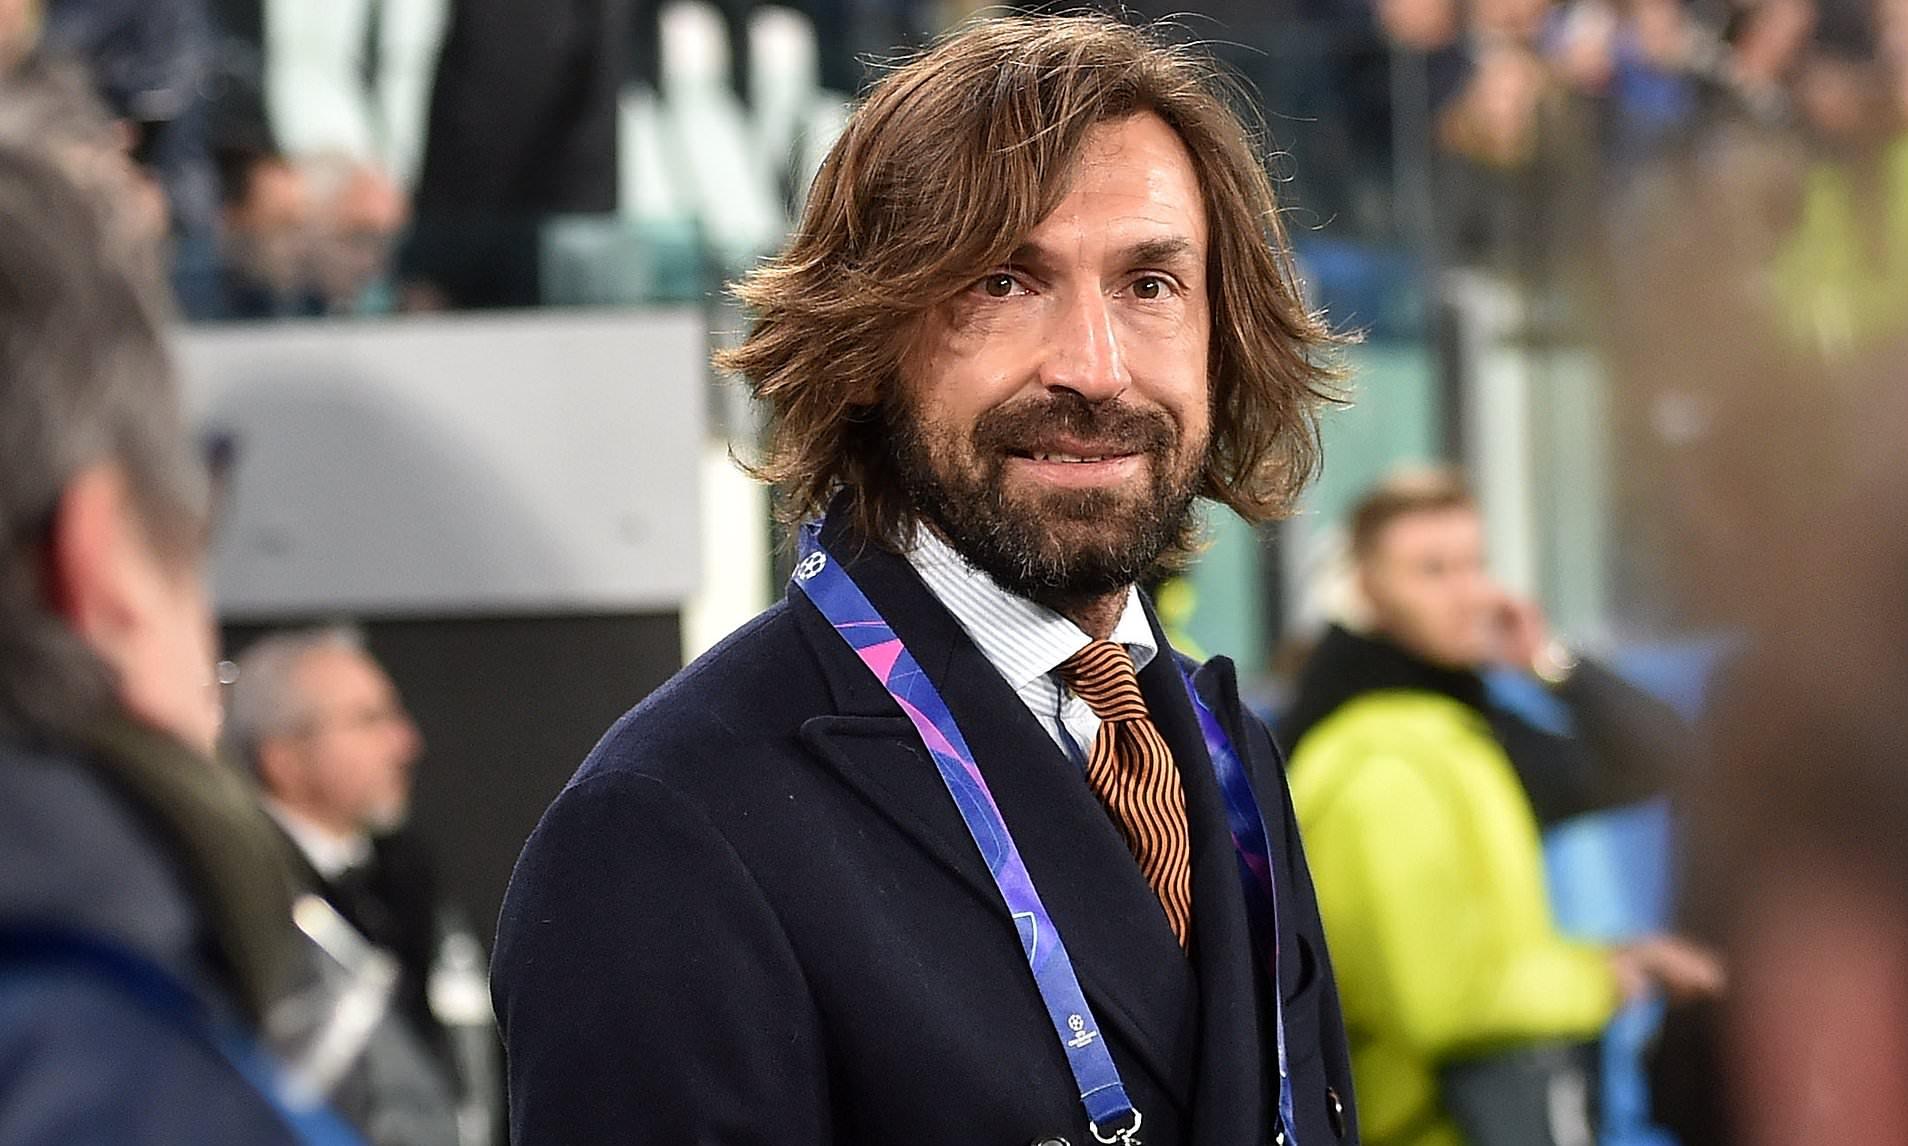 意甲球队主帅更迭频繁,皮尔洛还能留在尤文多久